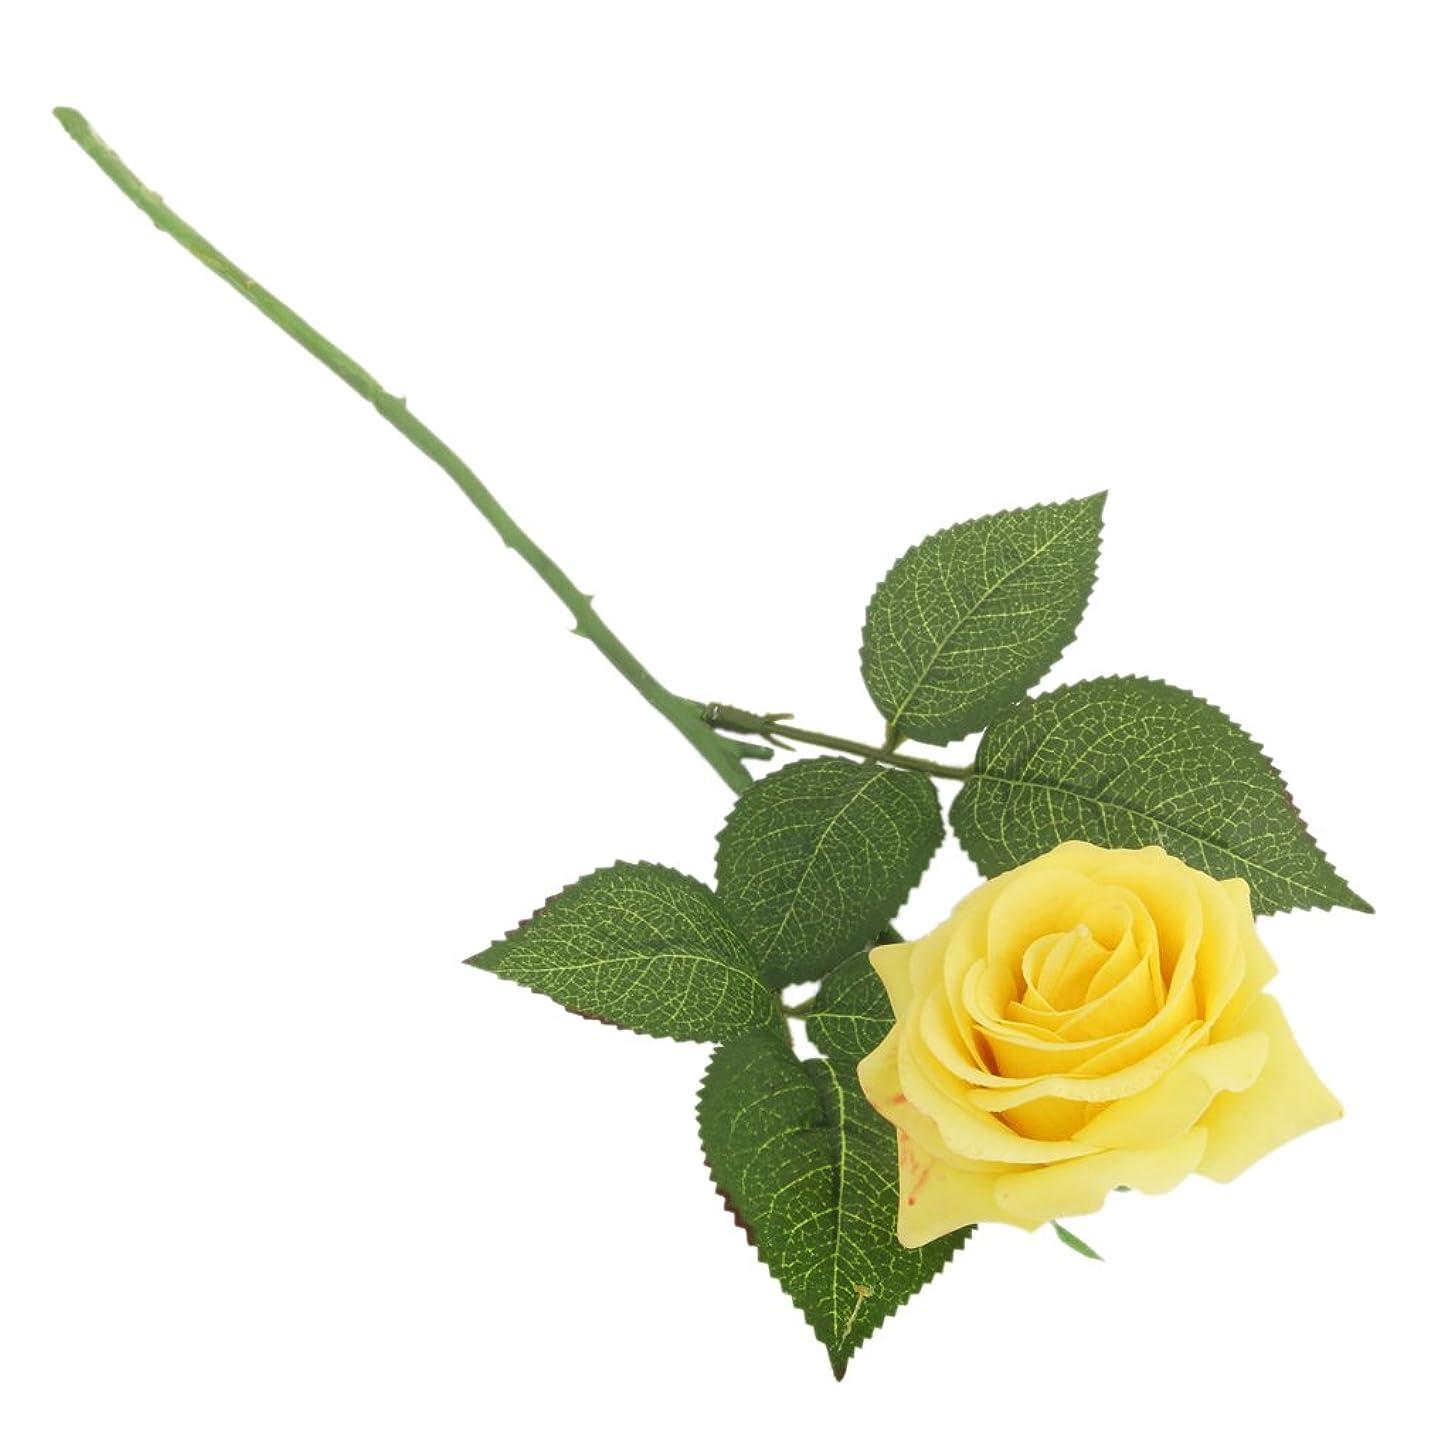 バン意図アヒル【ノーブランド品】造花 バラ ローズ ホーム 結婚式 飾り インテリア 装飾 (イエロー)